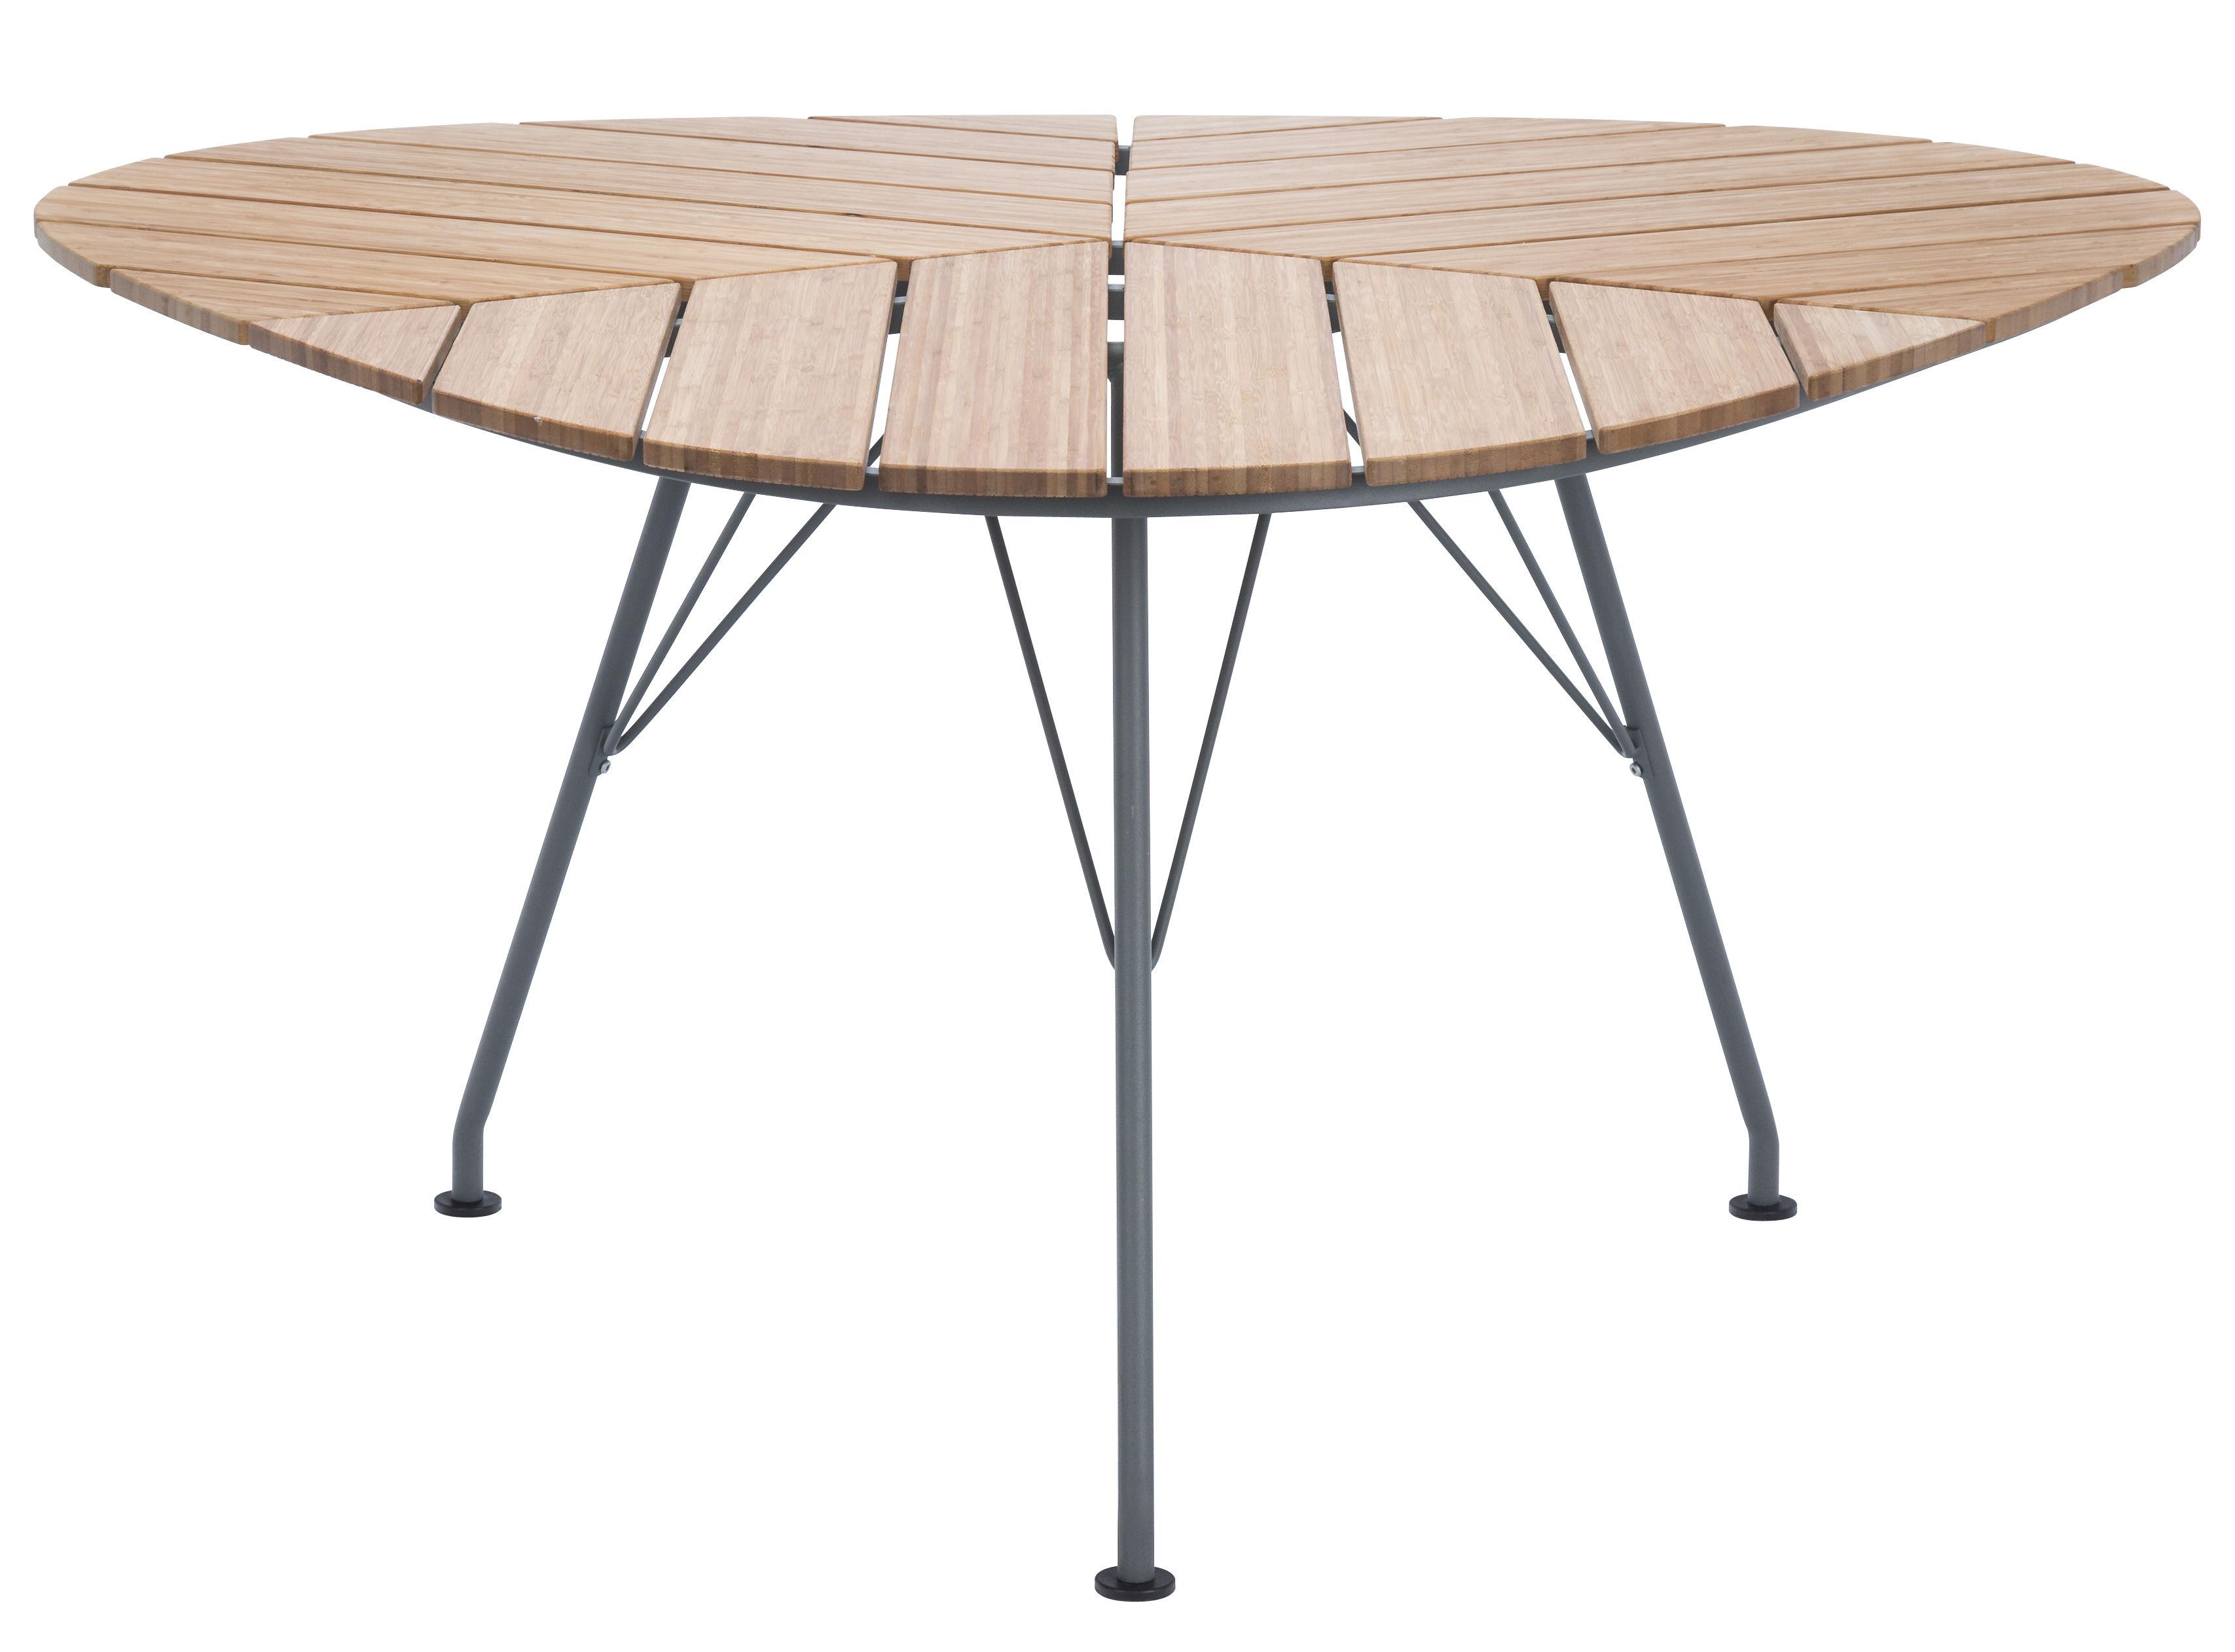 Outdoor - Tables de jardin - Table ronde Leaf / Bambou - Triangulaire - 146 x 146 x 146 cm - Houe - Bambou / Piètement gris - Bambou, Métal laqué époxy